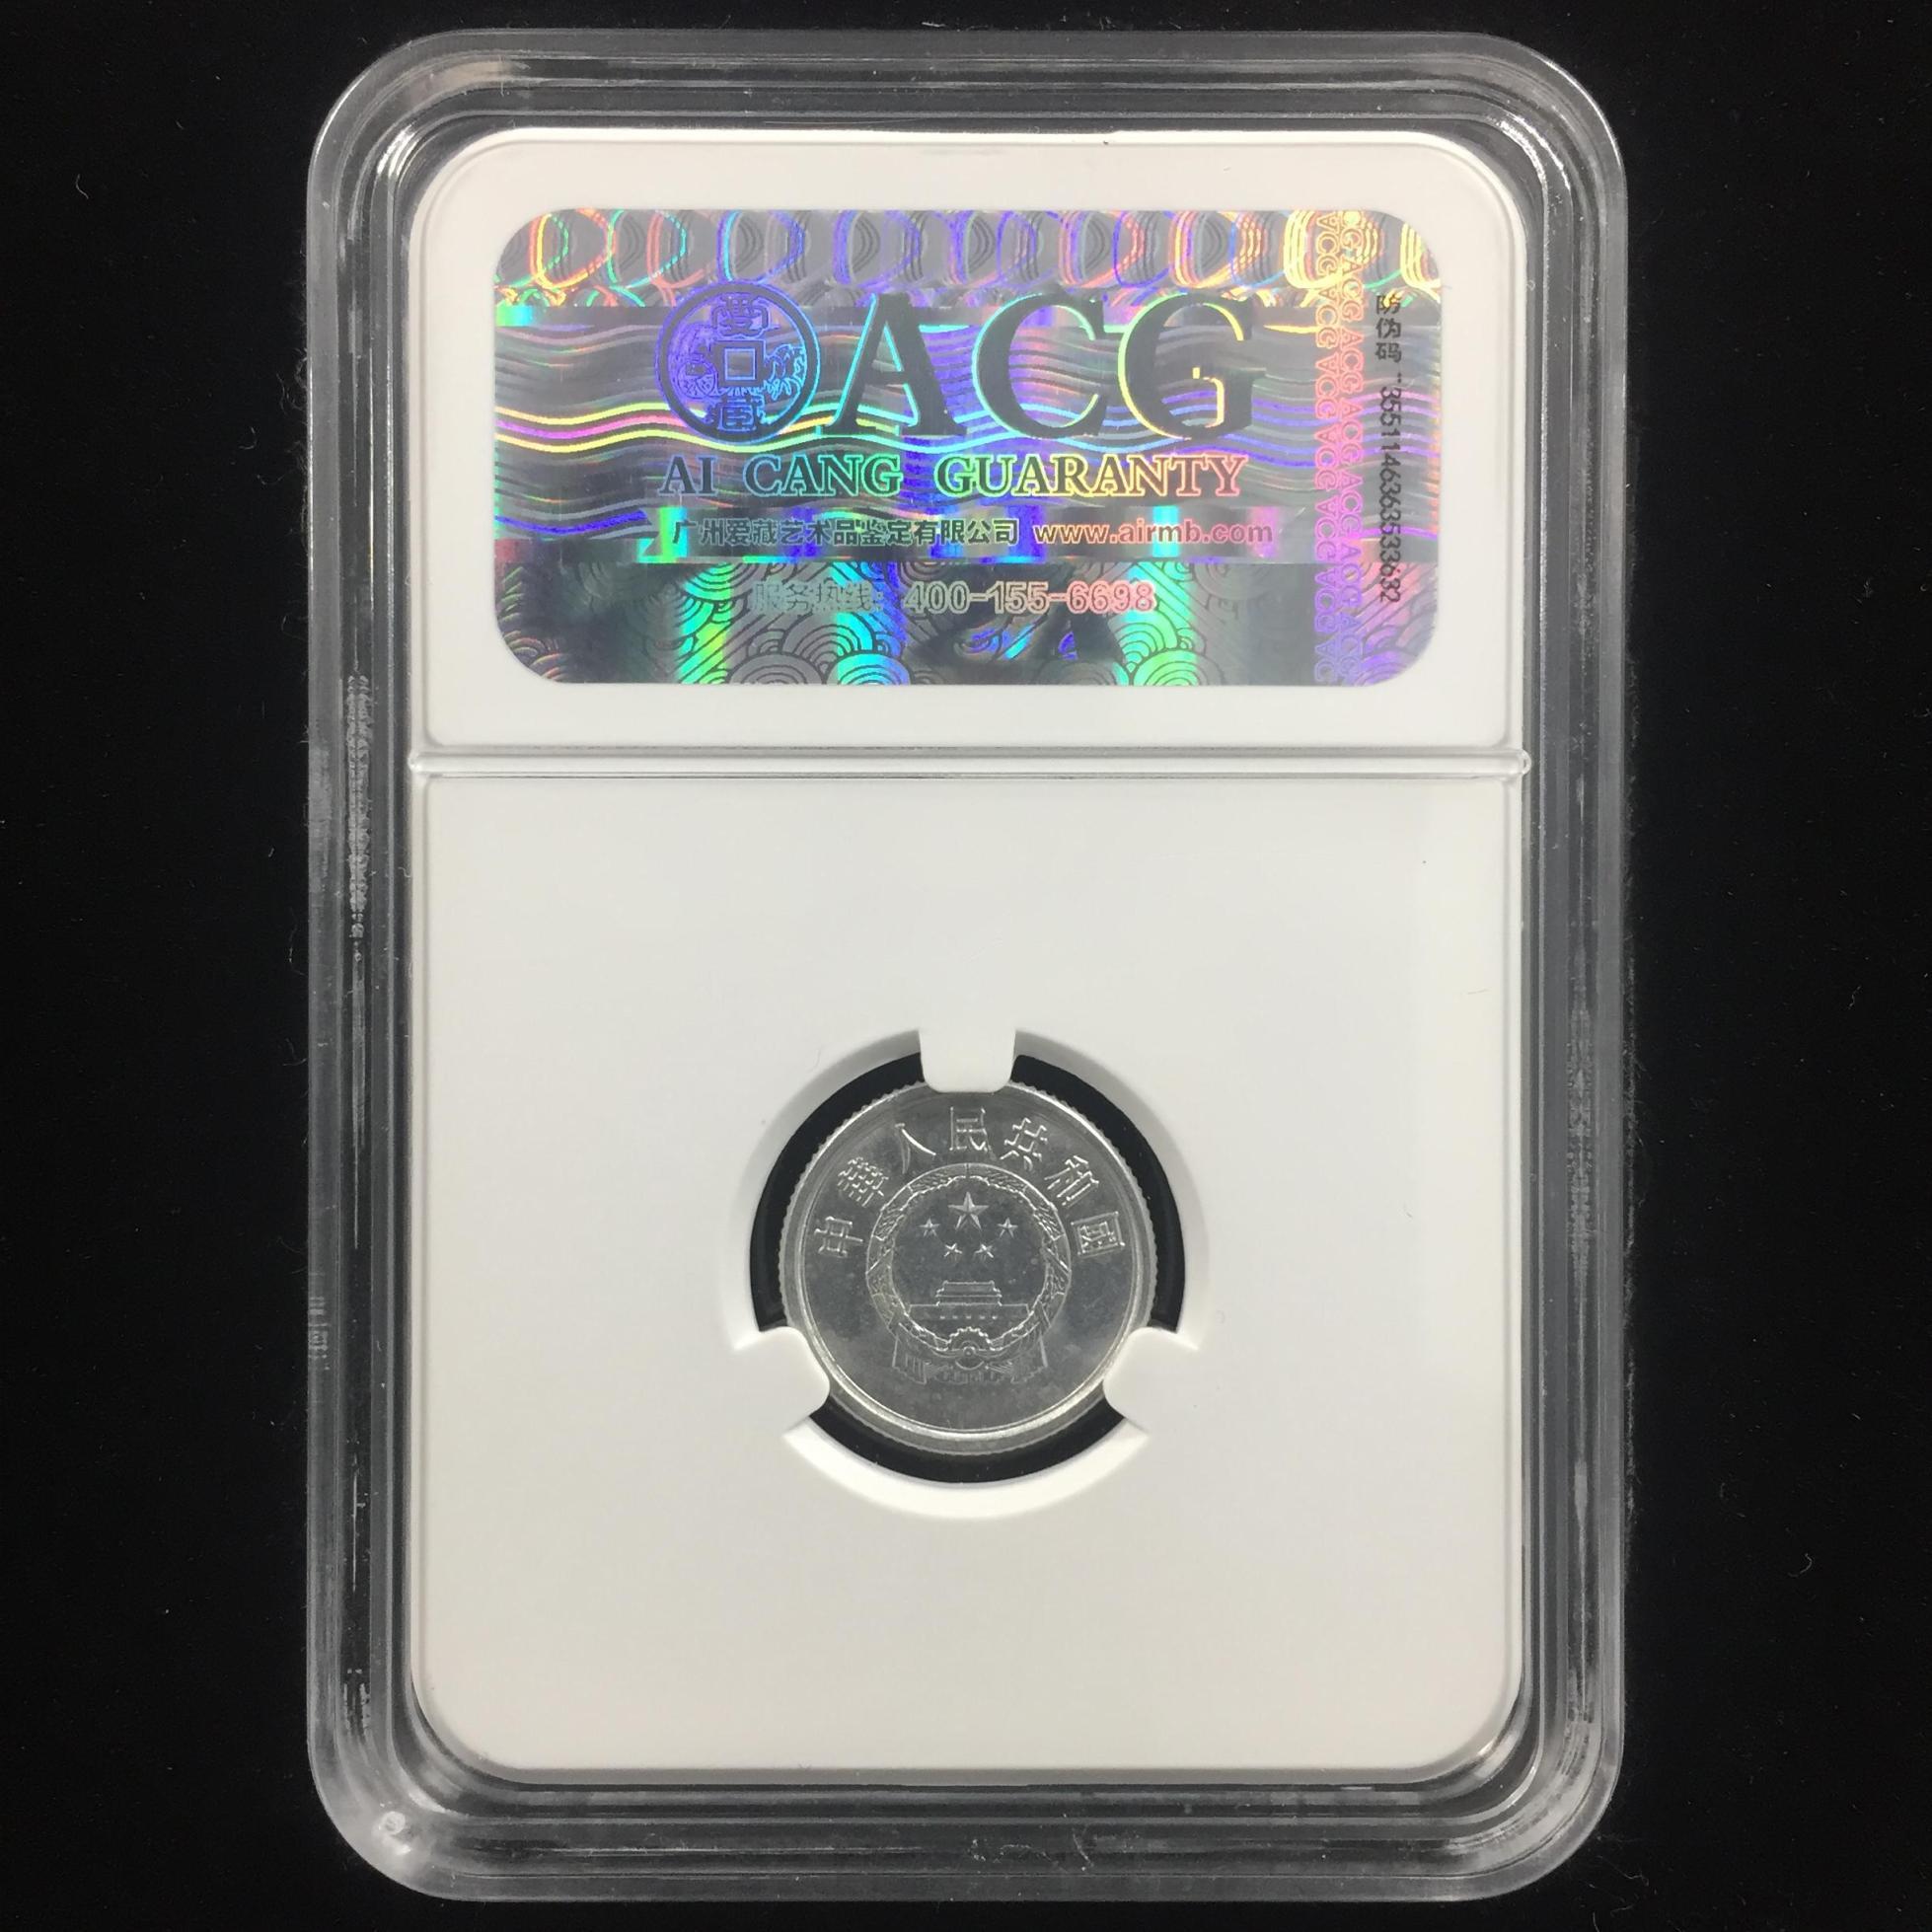 模裂币→1983年1分硬币→ACG鉴定证书-10757297